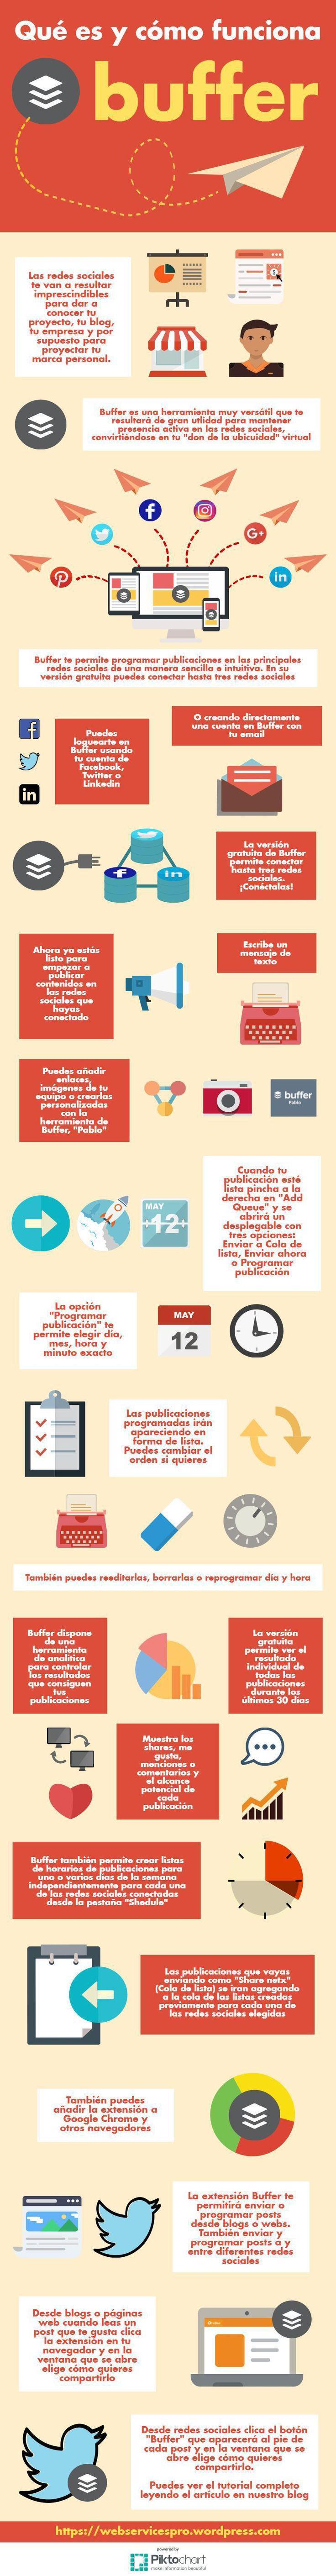 Buffer: qué es y cómo funciona #infografia